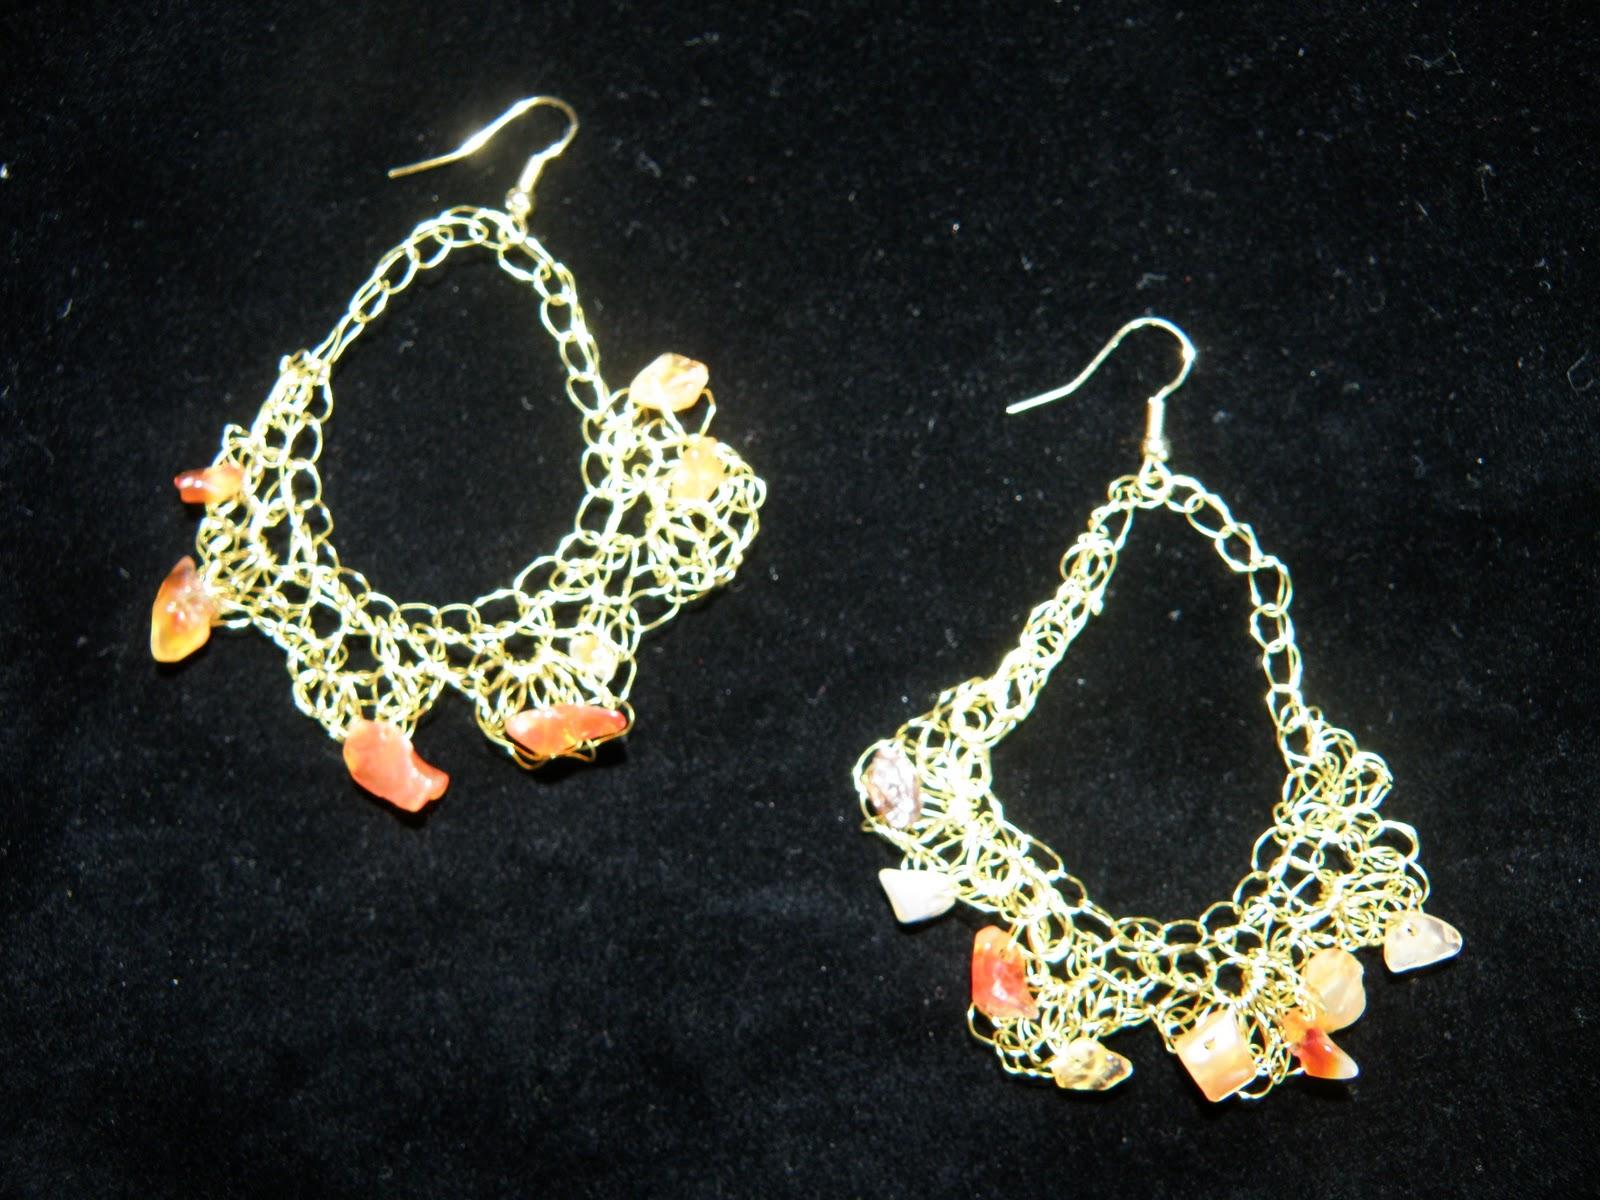 Σκουλαρίκια πλεκτό σύρμα πορτοκαλί πέτρες d5017461258